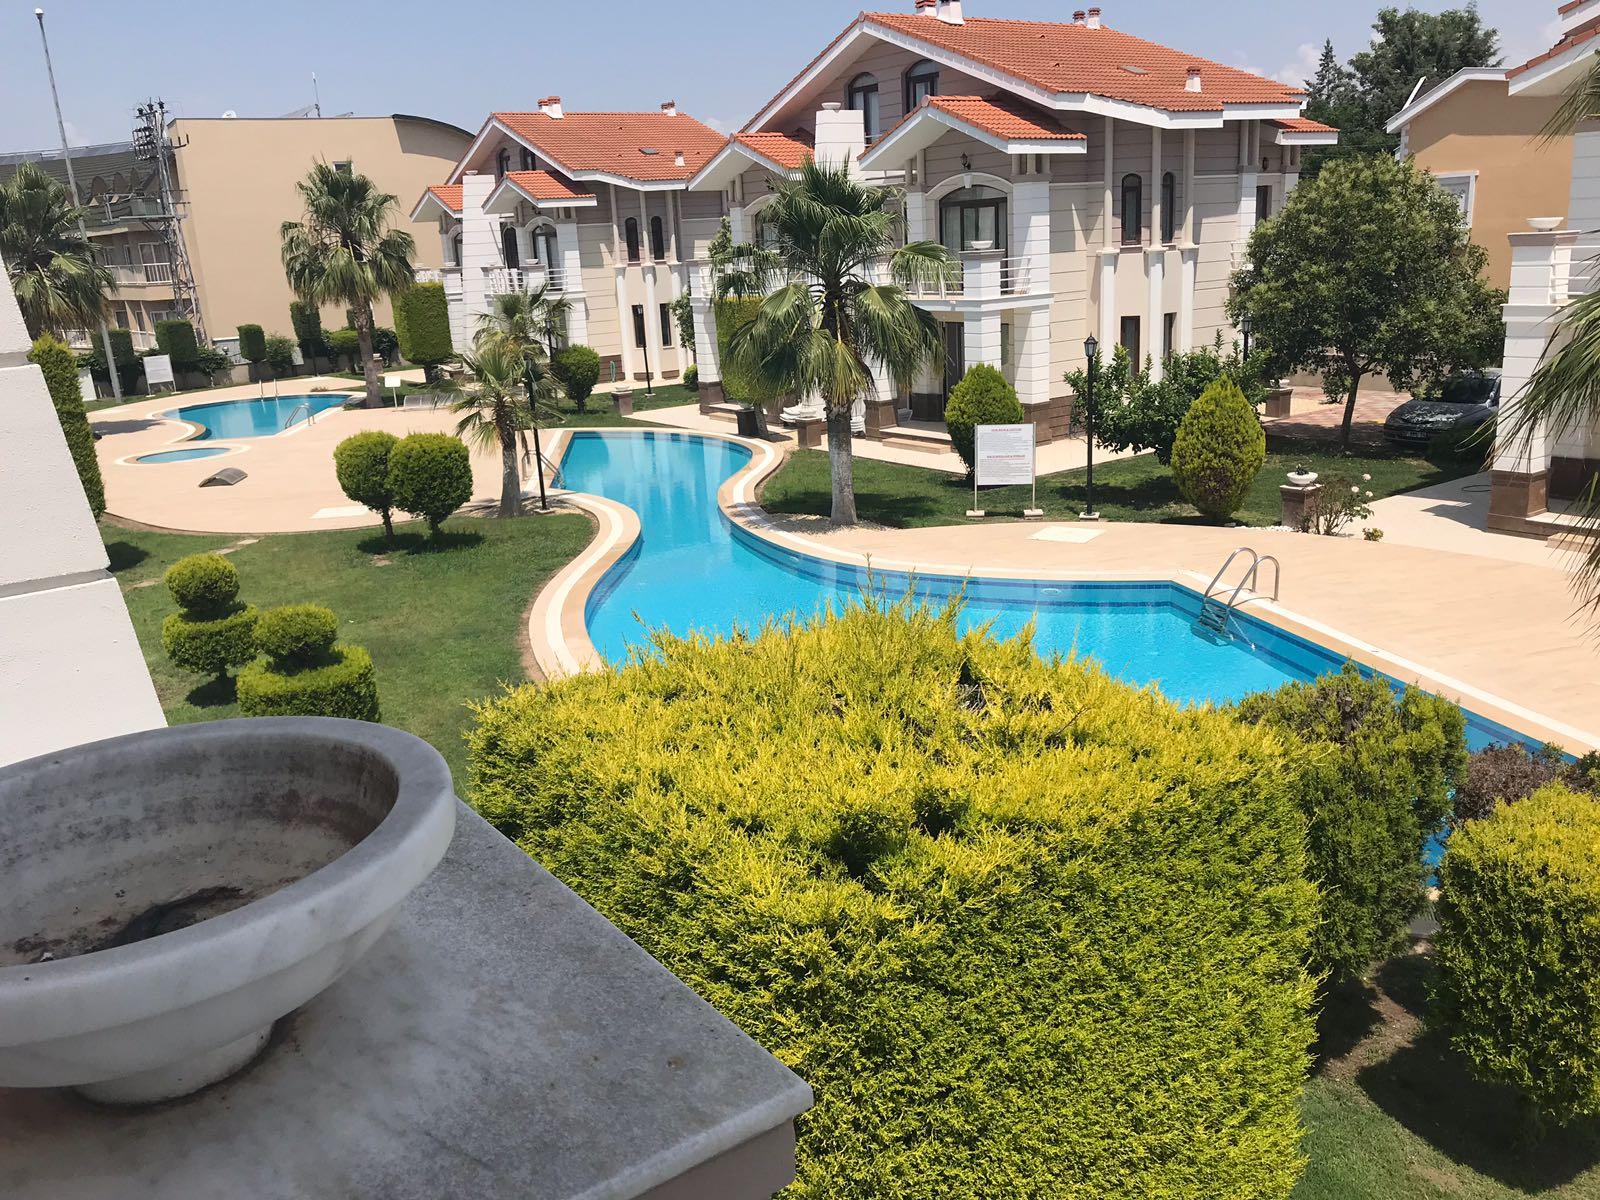 3-Bedroom Villa #1